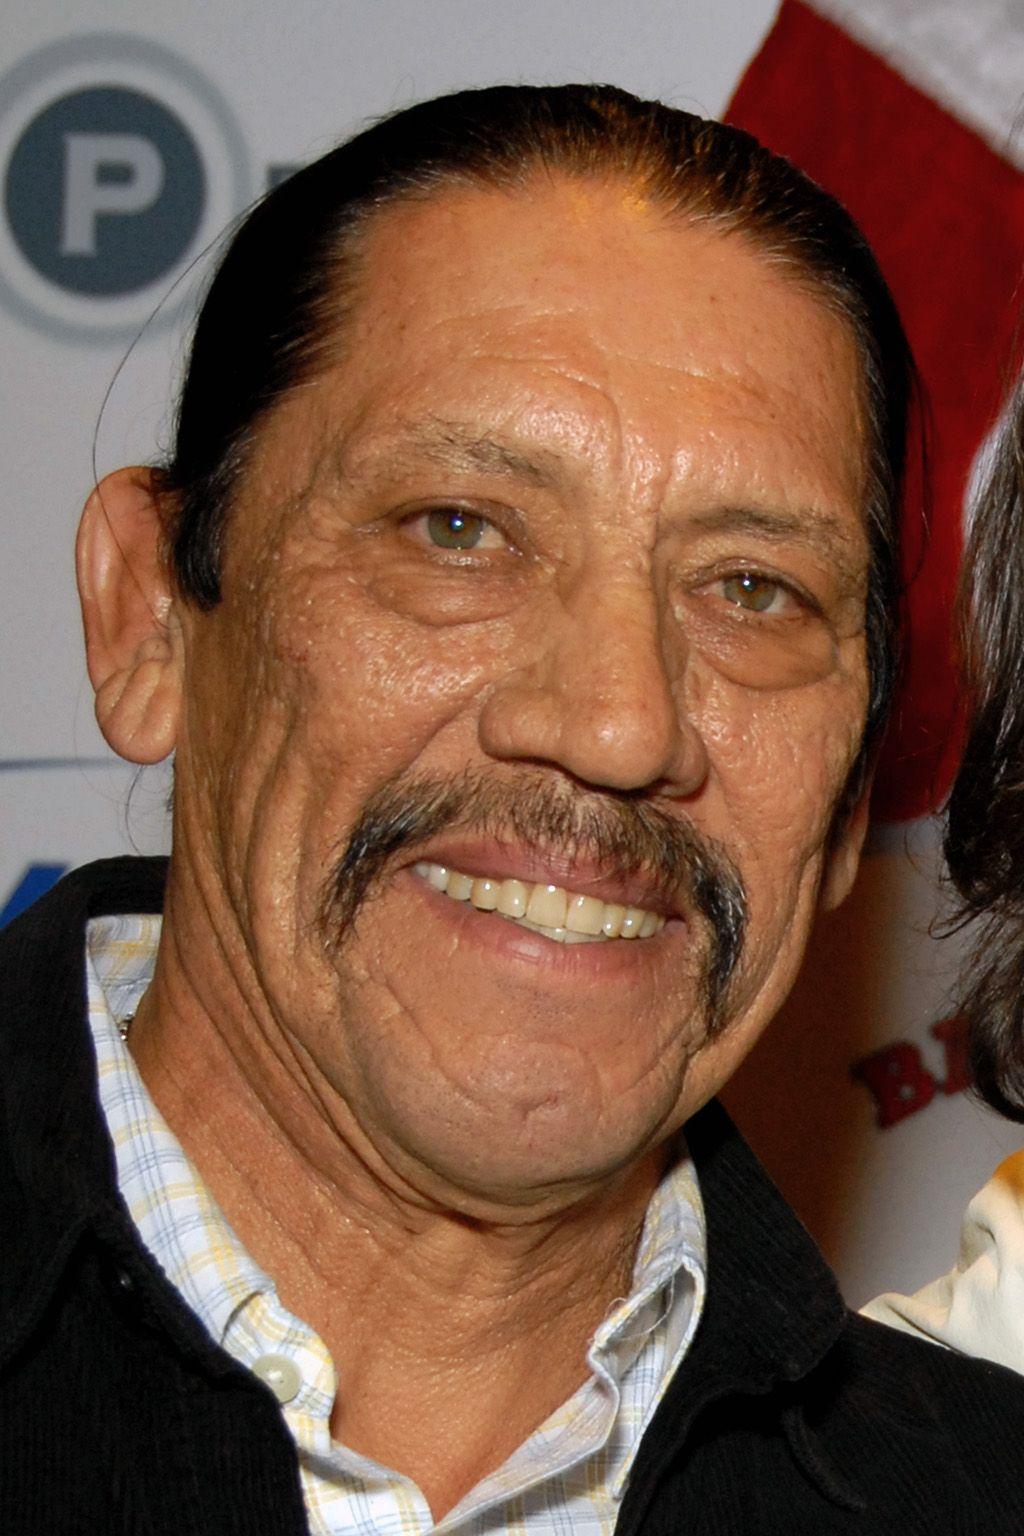 Danny Trejo nacío en California en 1944 pero sus padres son de California. Sus peliculas populares son Heat, Con air y desperado